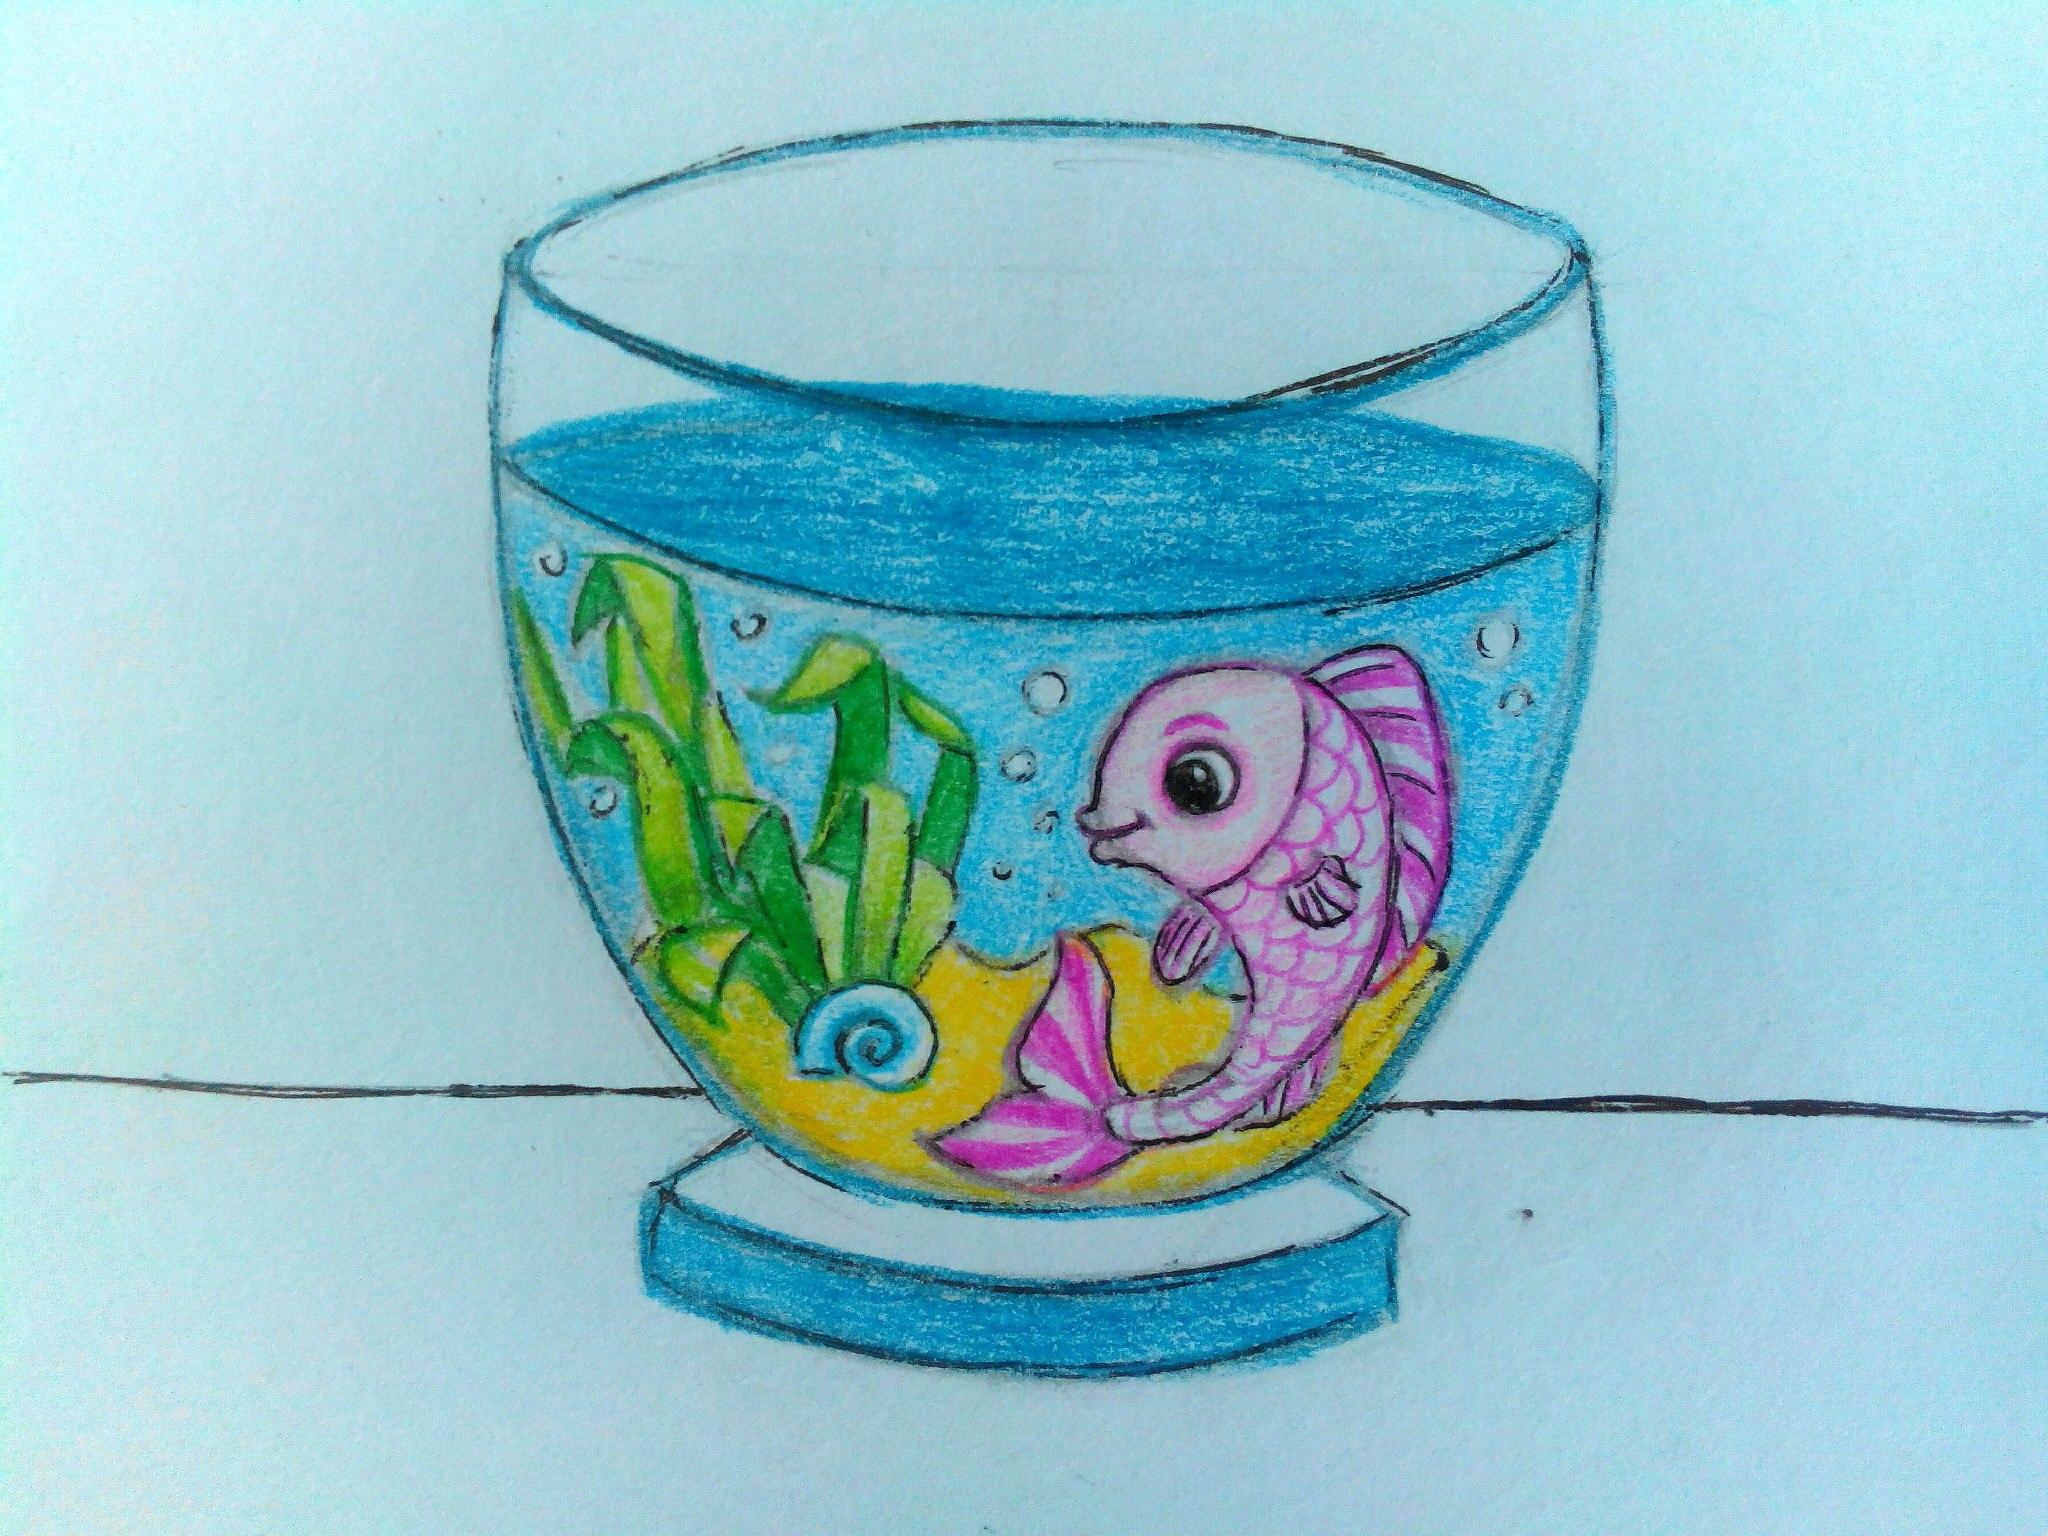 Как нарисовать аквариум карандашом поэтапно?